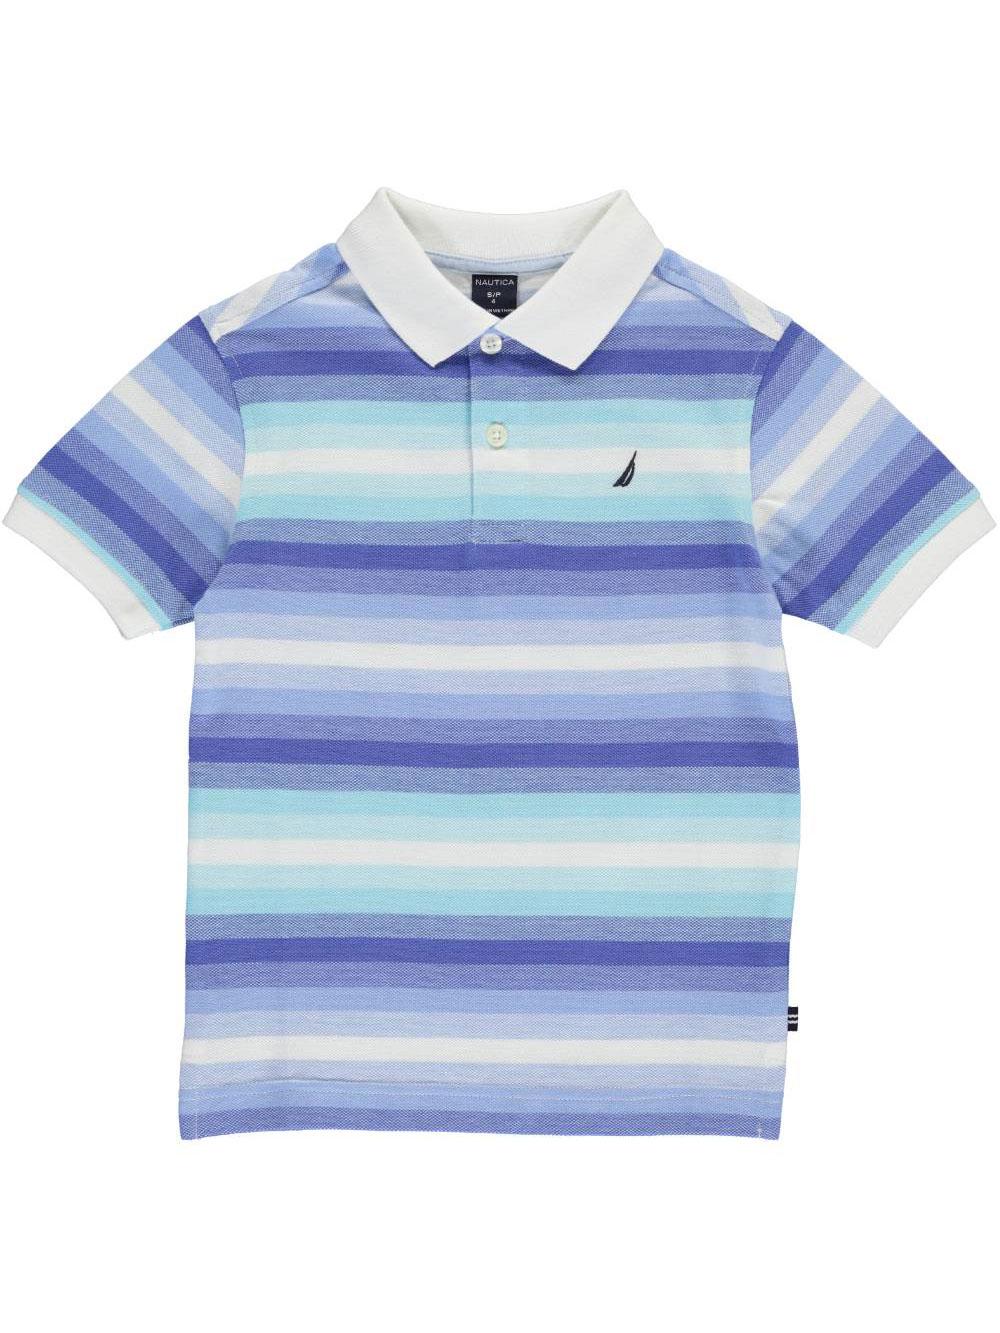 Image of Nautica Little Boys Shallow Seas Pique Polo Sizes 4  7  blue 4